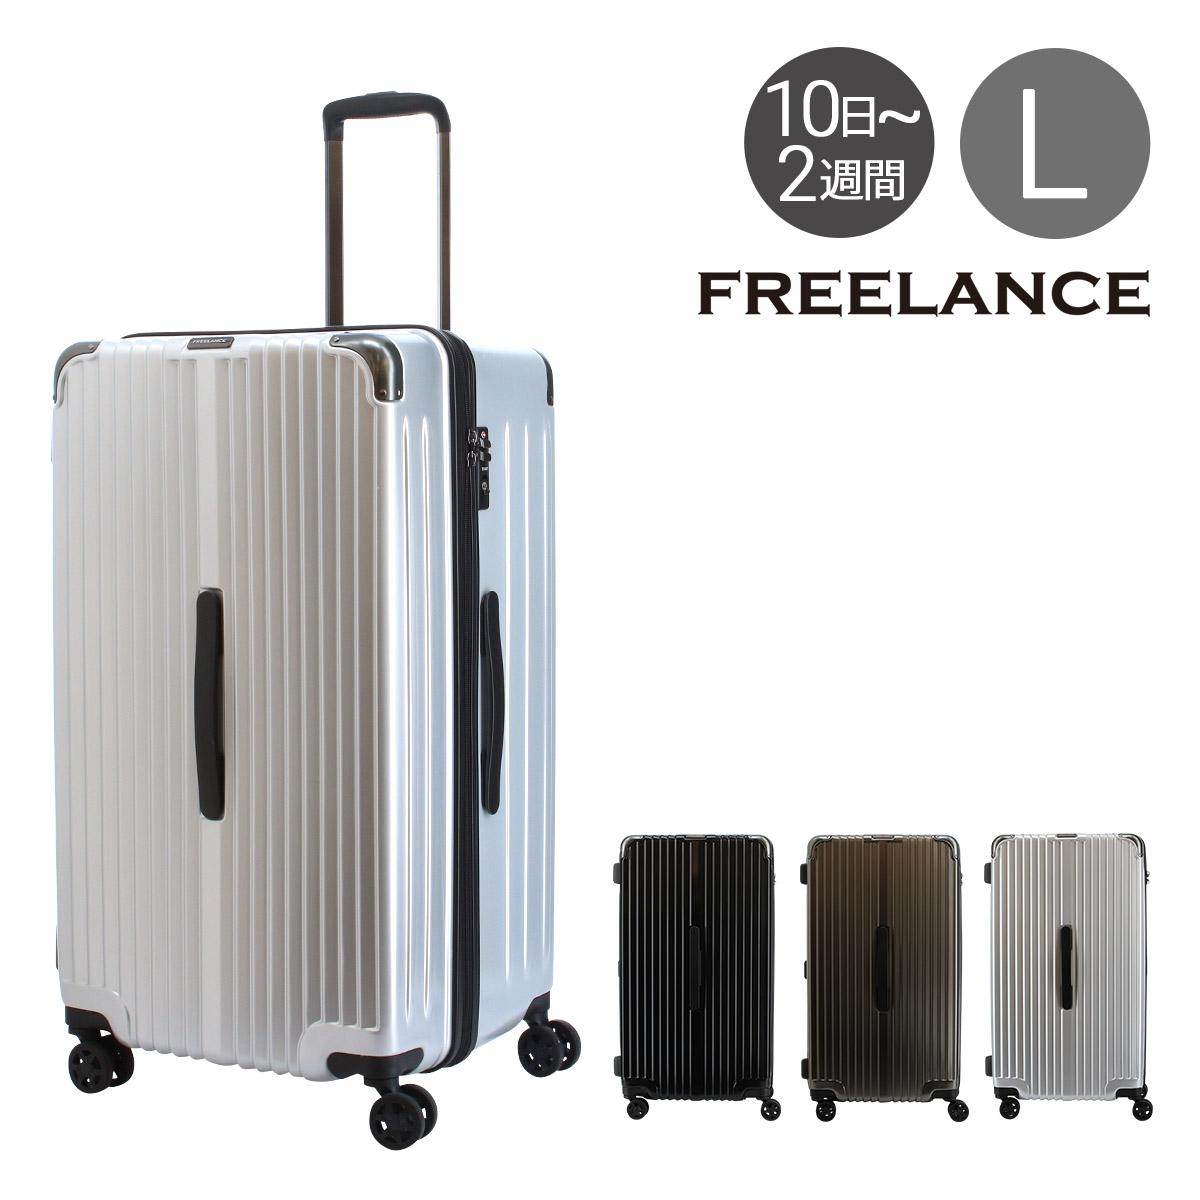 フリーランス スーツケース 当社限定FLT-006FREELANCE TSAロック搭載 大容量 おしゃれキャリーケース ビジネスキャリー[PO5][bef][即日発送]